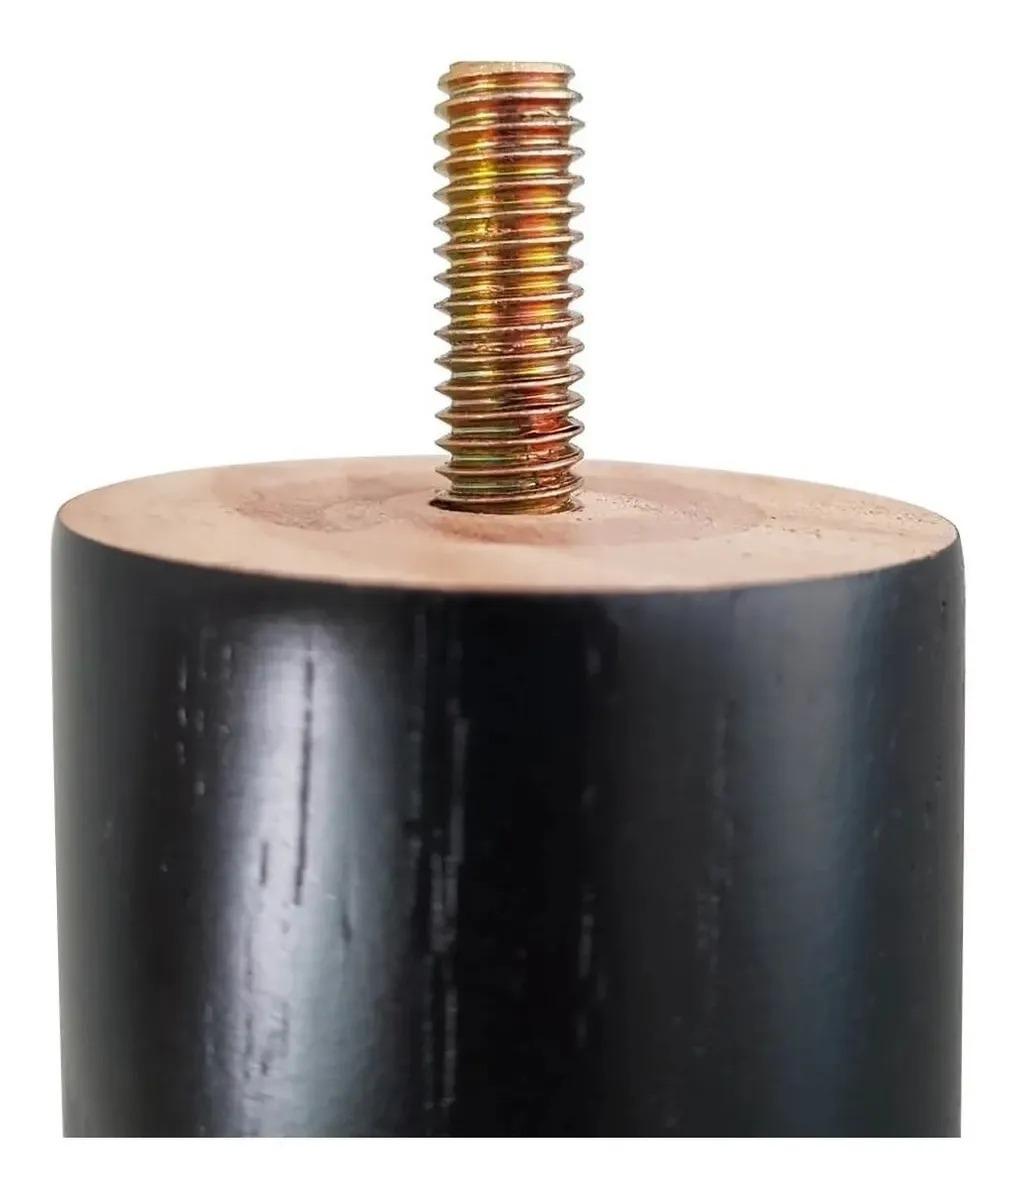 KIT DE 6 PÉS PARA CAMA BOX - 6cm